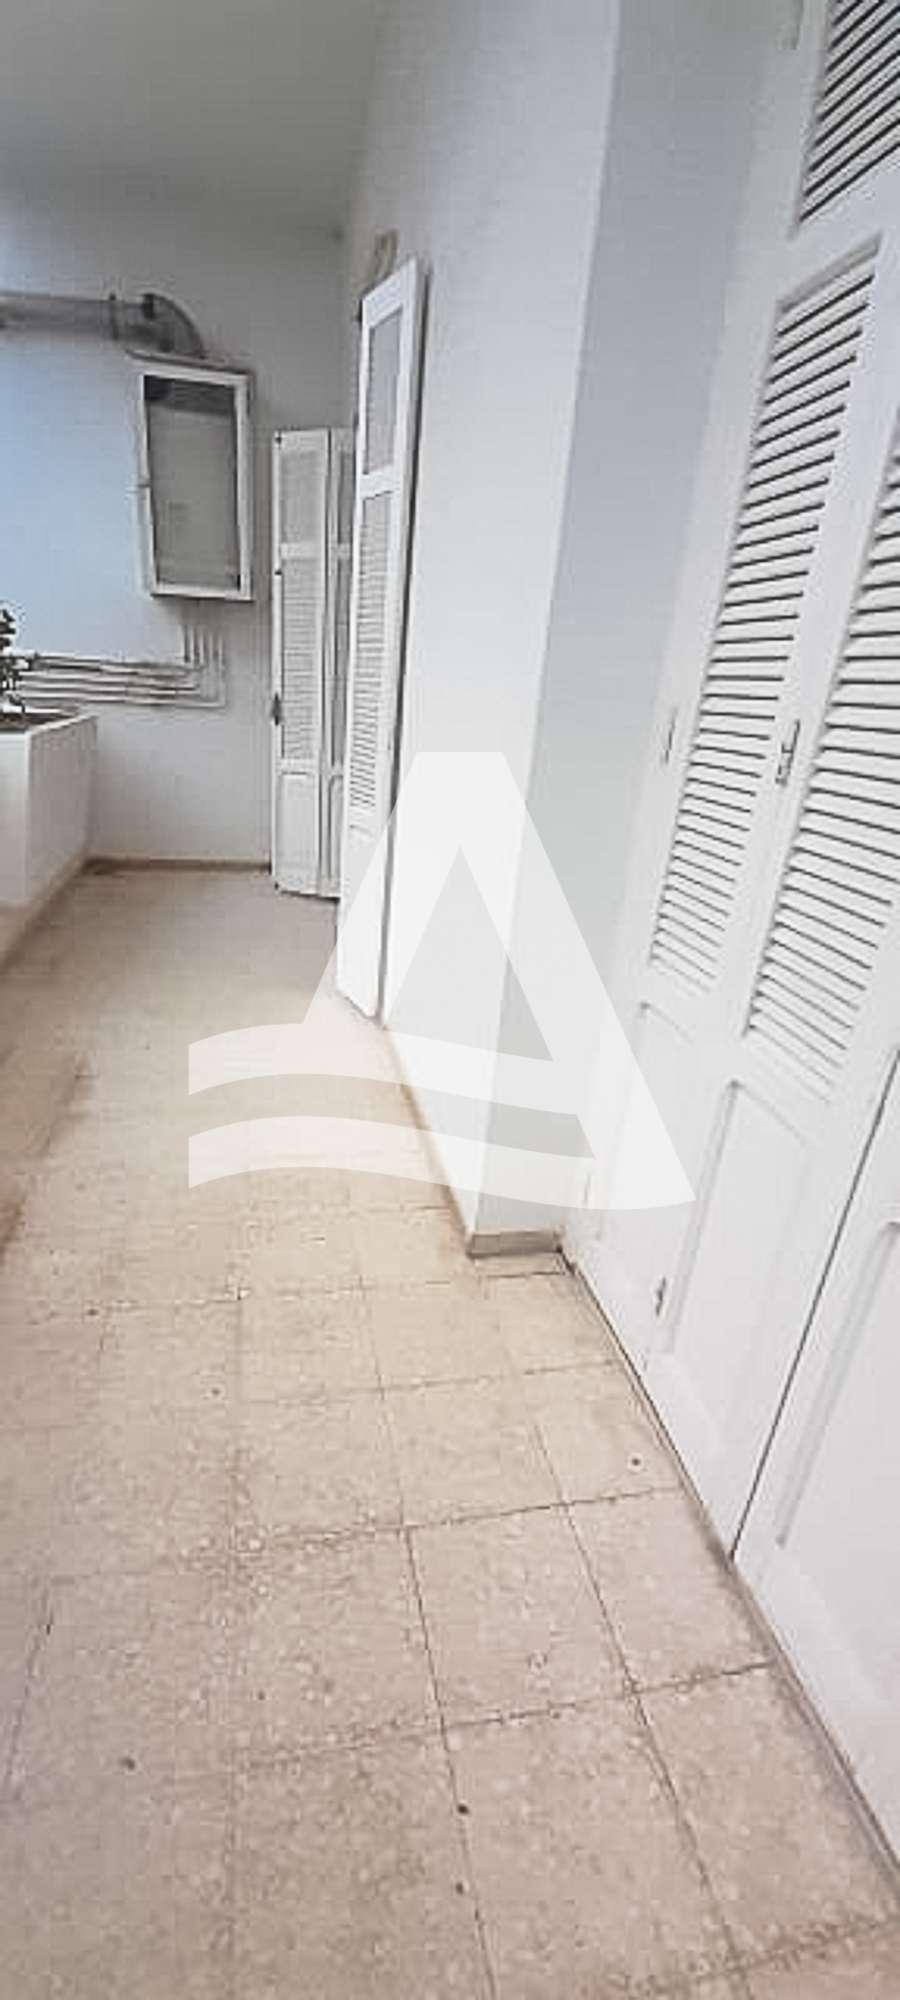 httpss3.amazonaws.comlogimoaws_Arcane_immobilière_la_Marsa-_location_-_vente_la_marsa__-4_1583429652968